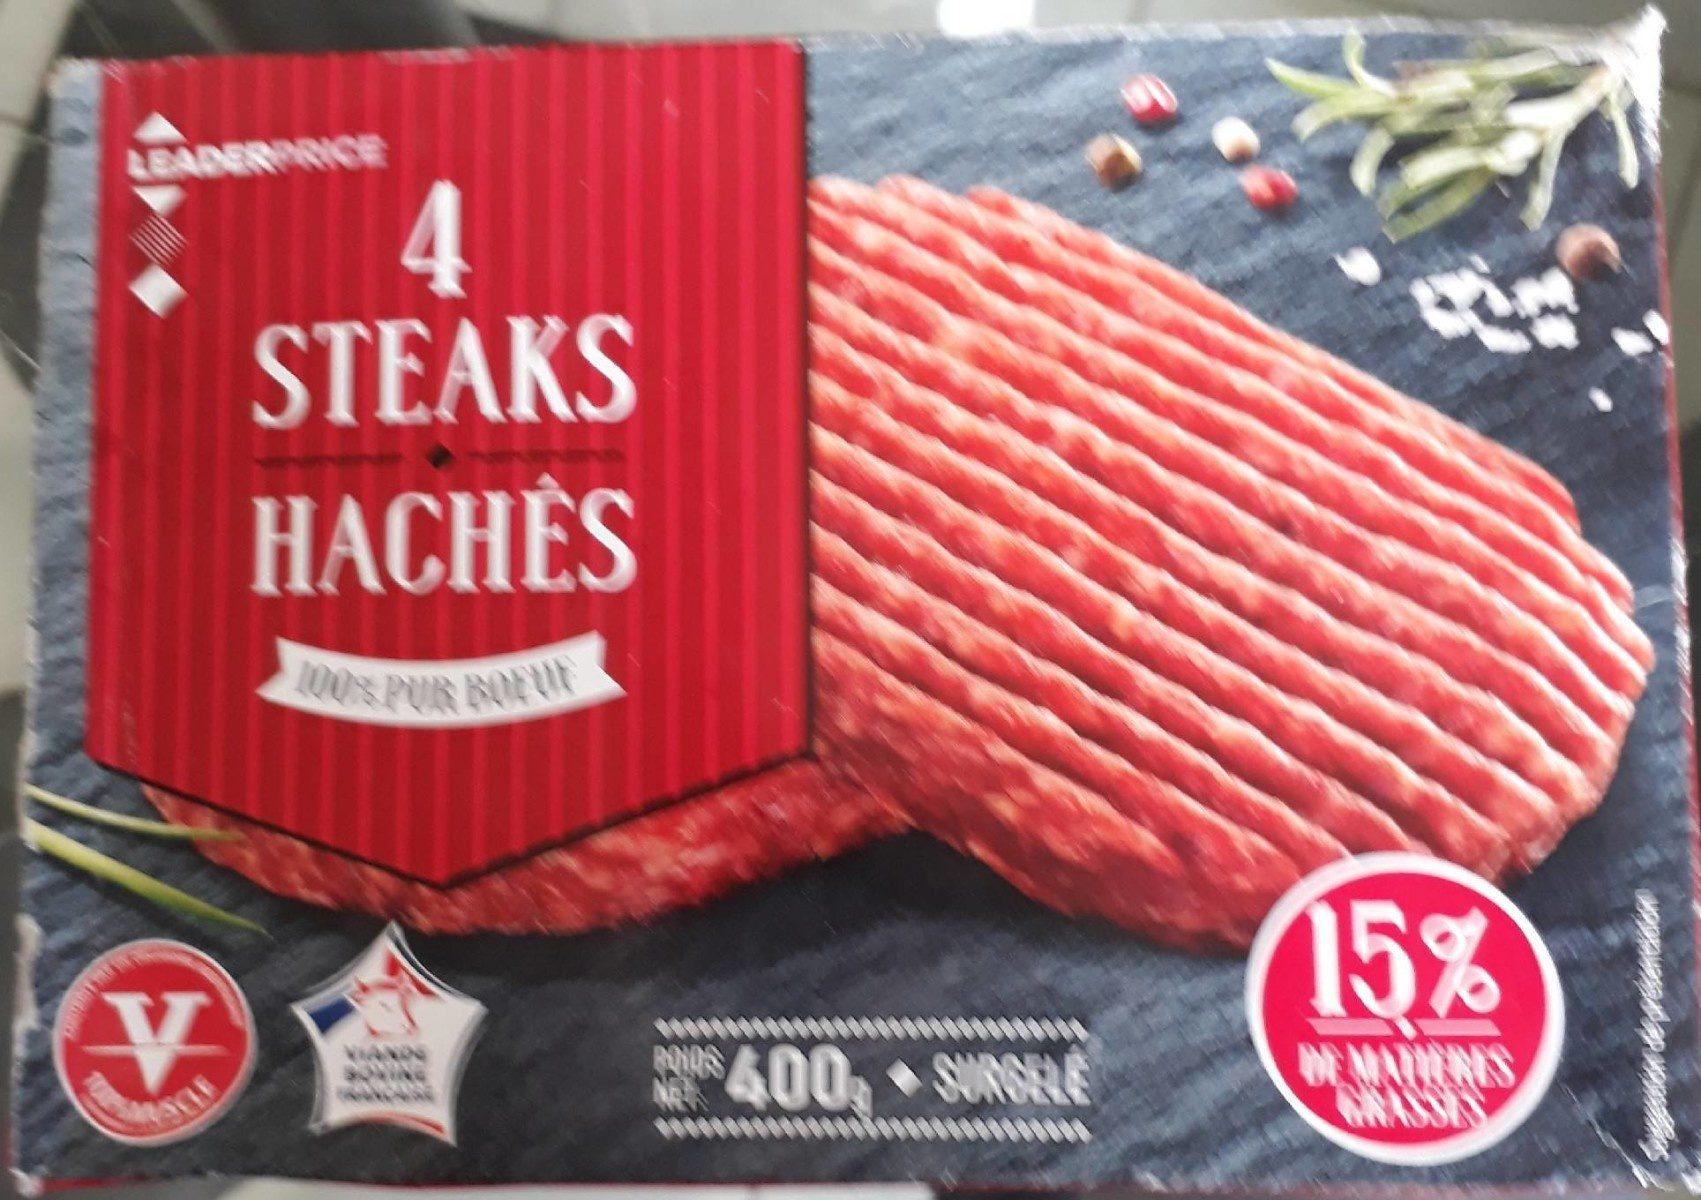 Steaks hachés surgelés - Prodotto - fr